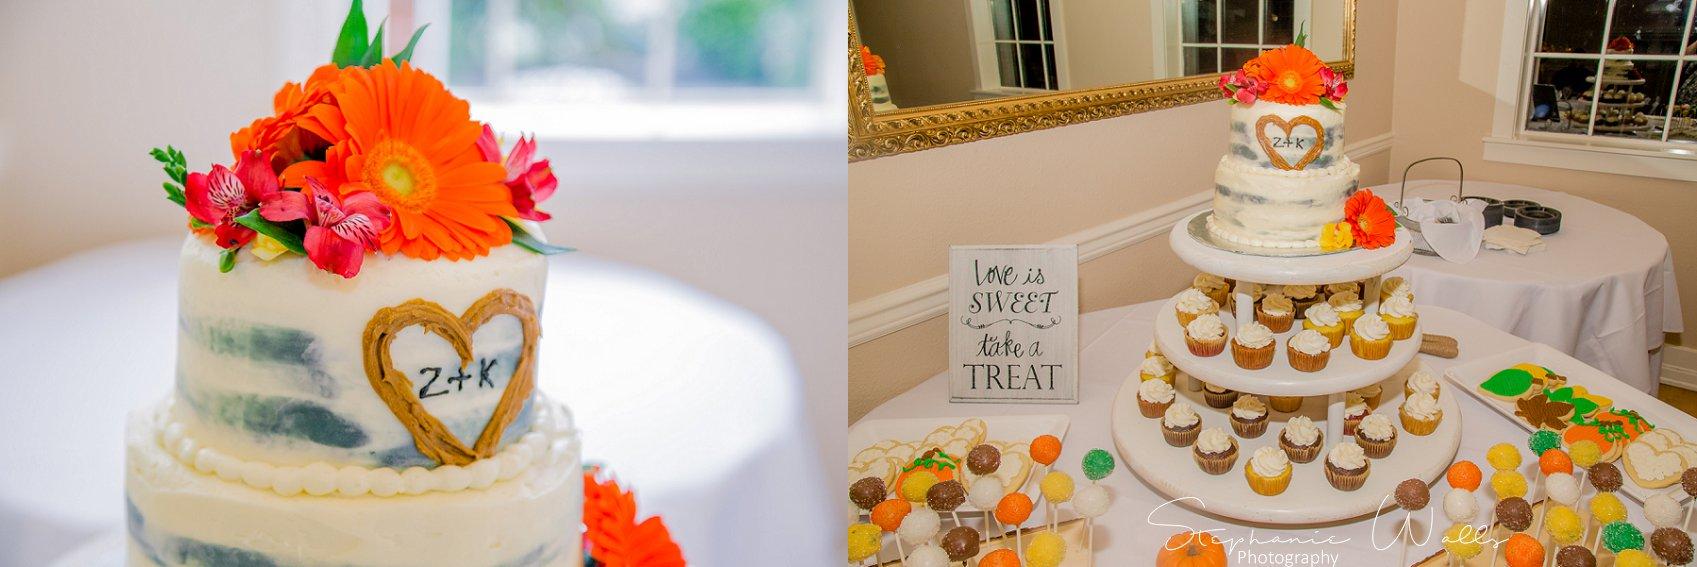 Olson Details 088 KK & Zack | Hollywood Schoolhouse Wedding | Woodinville, Wa Wedding Photographer